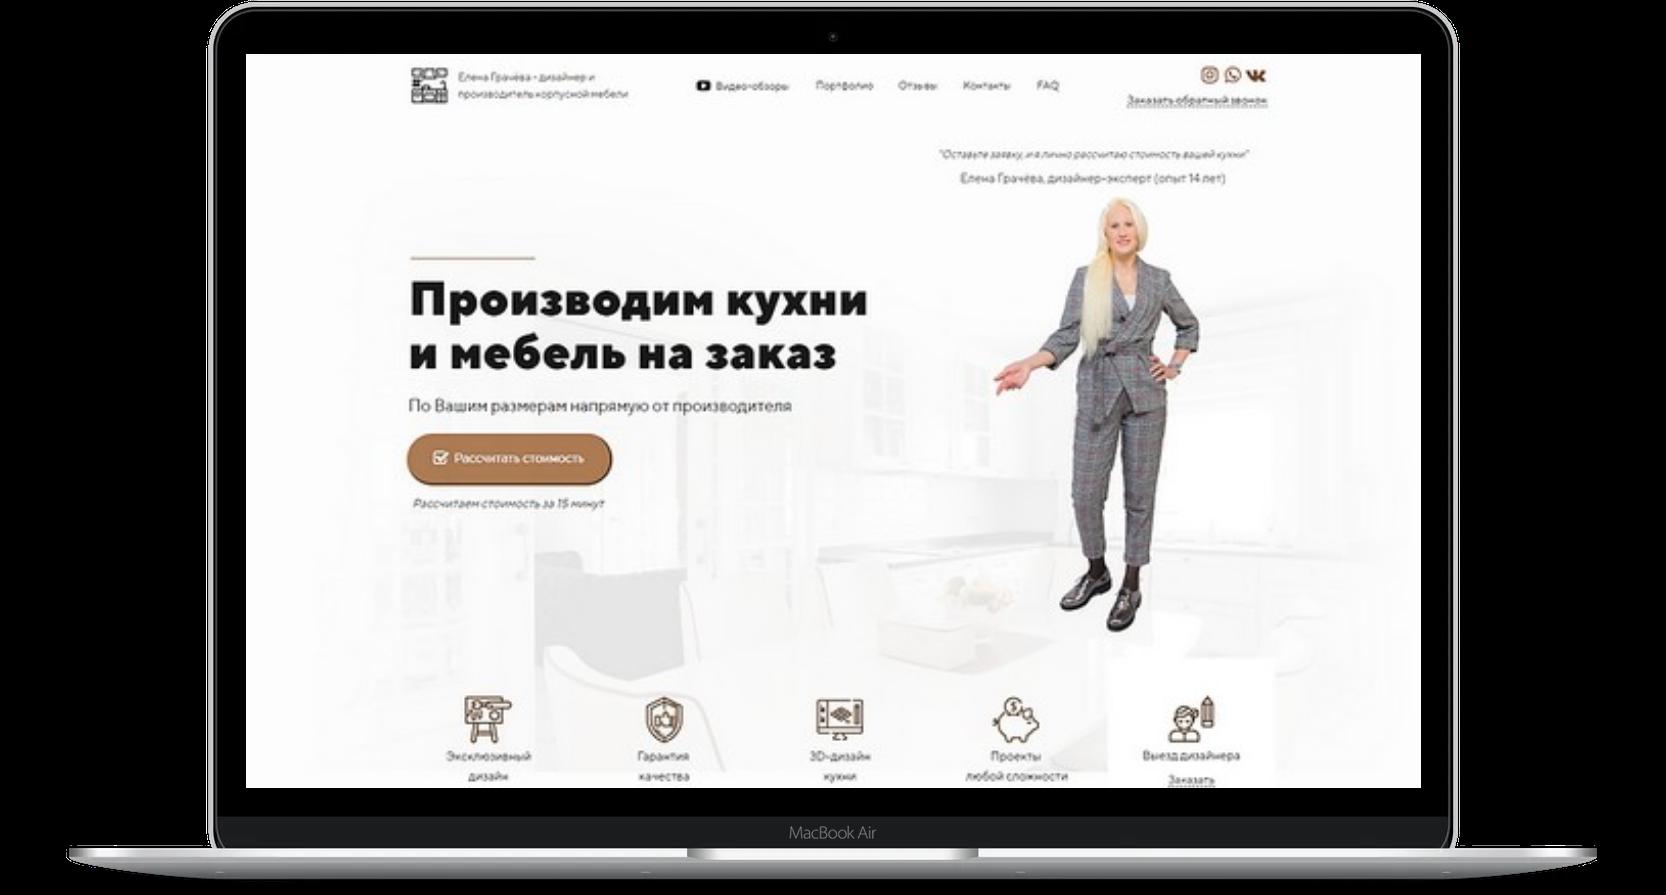 Сайт по дизайну кухонь под ключ